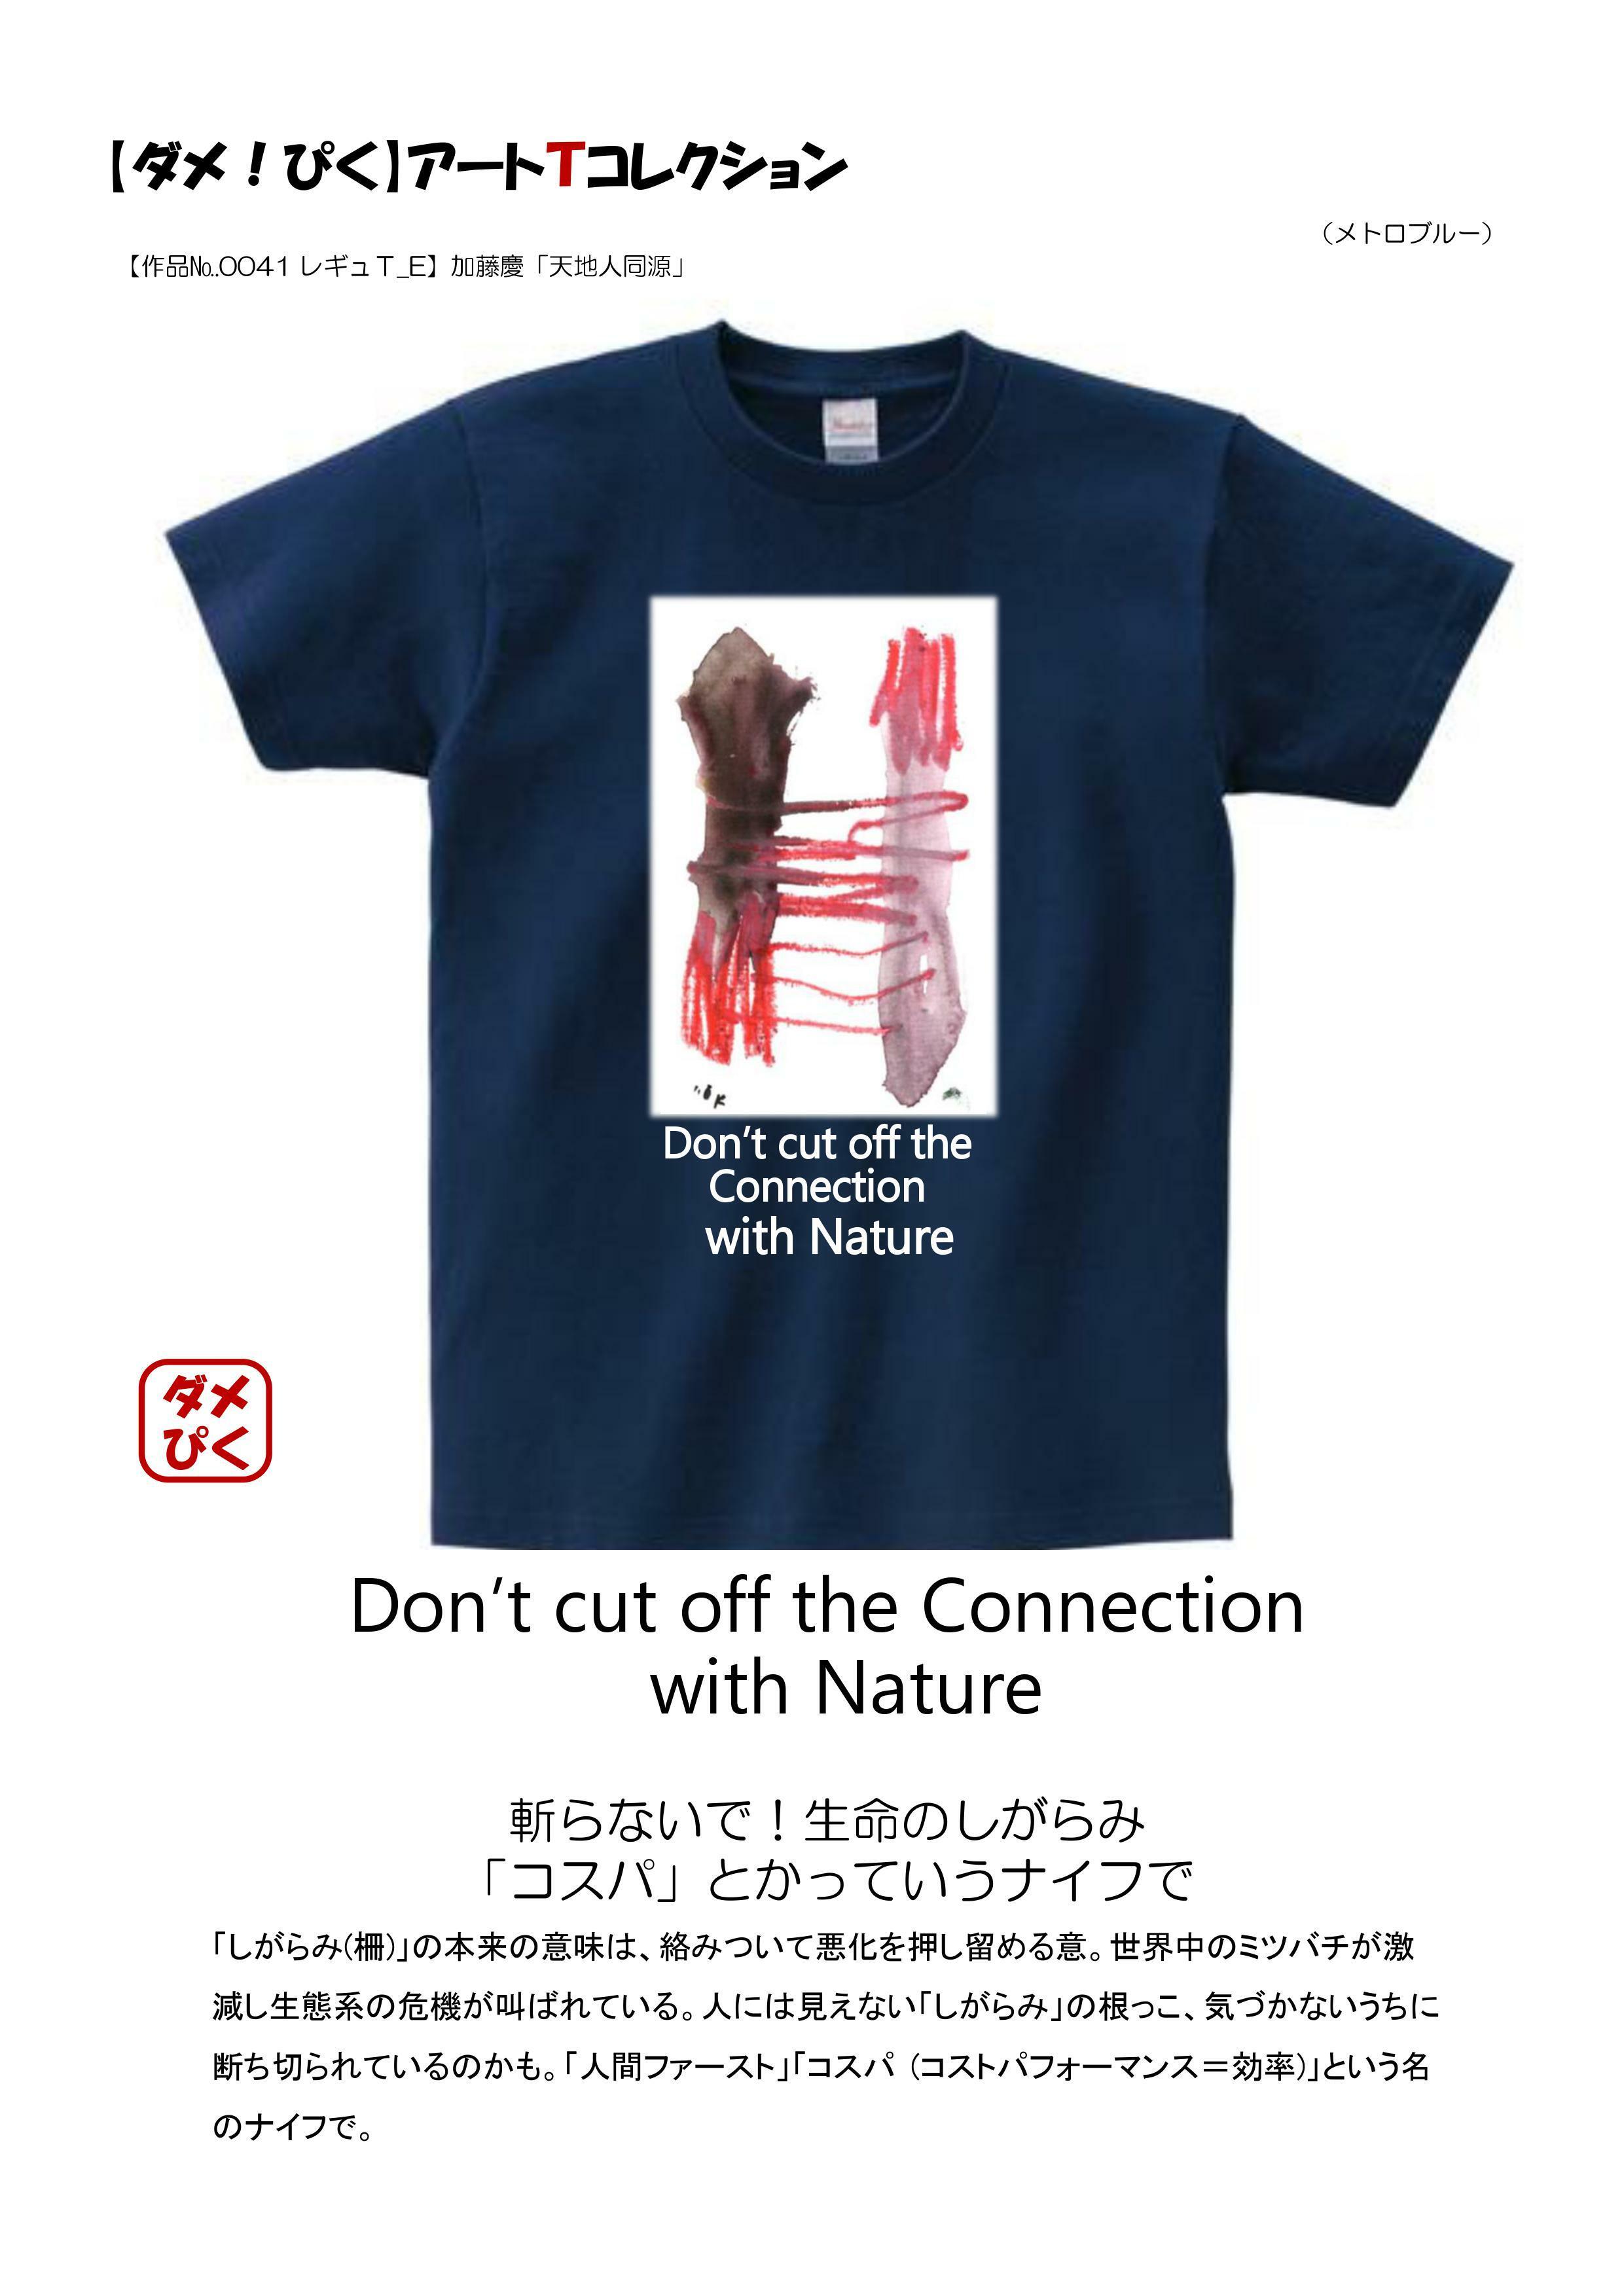 意味 cut off